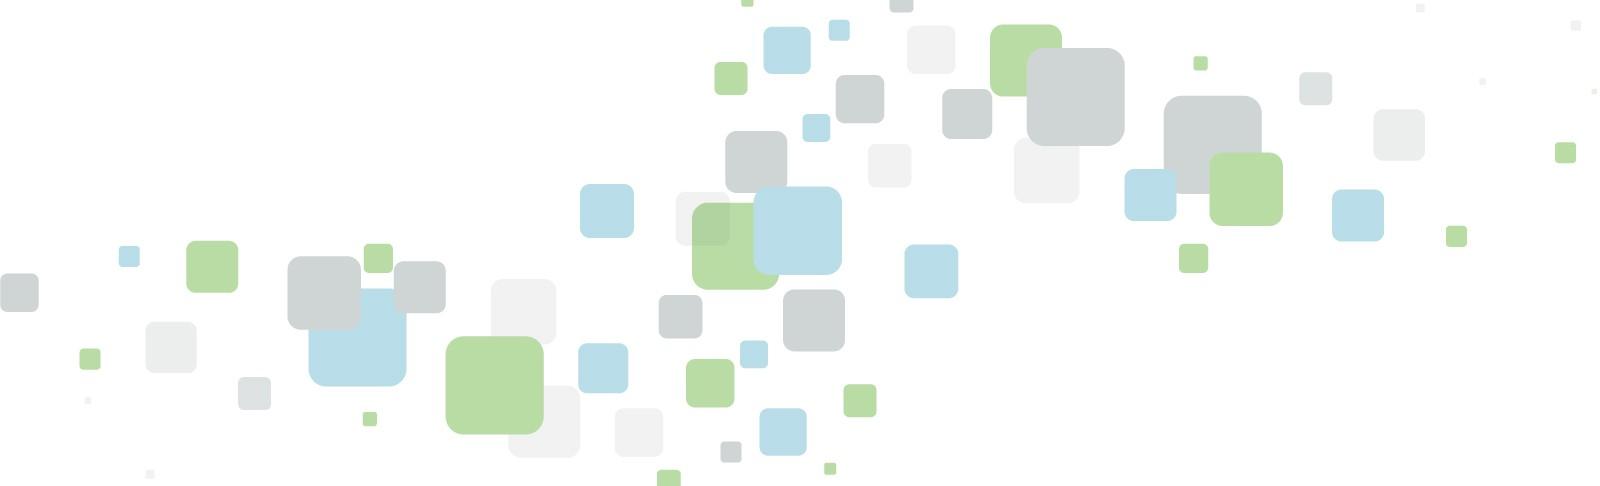 Greenlink Networks | LinkedIn